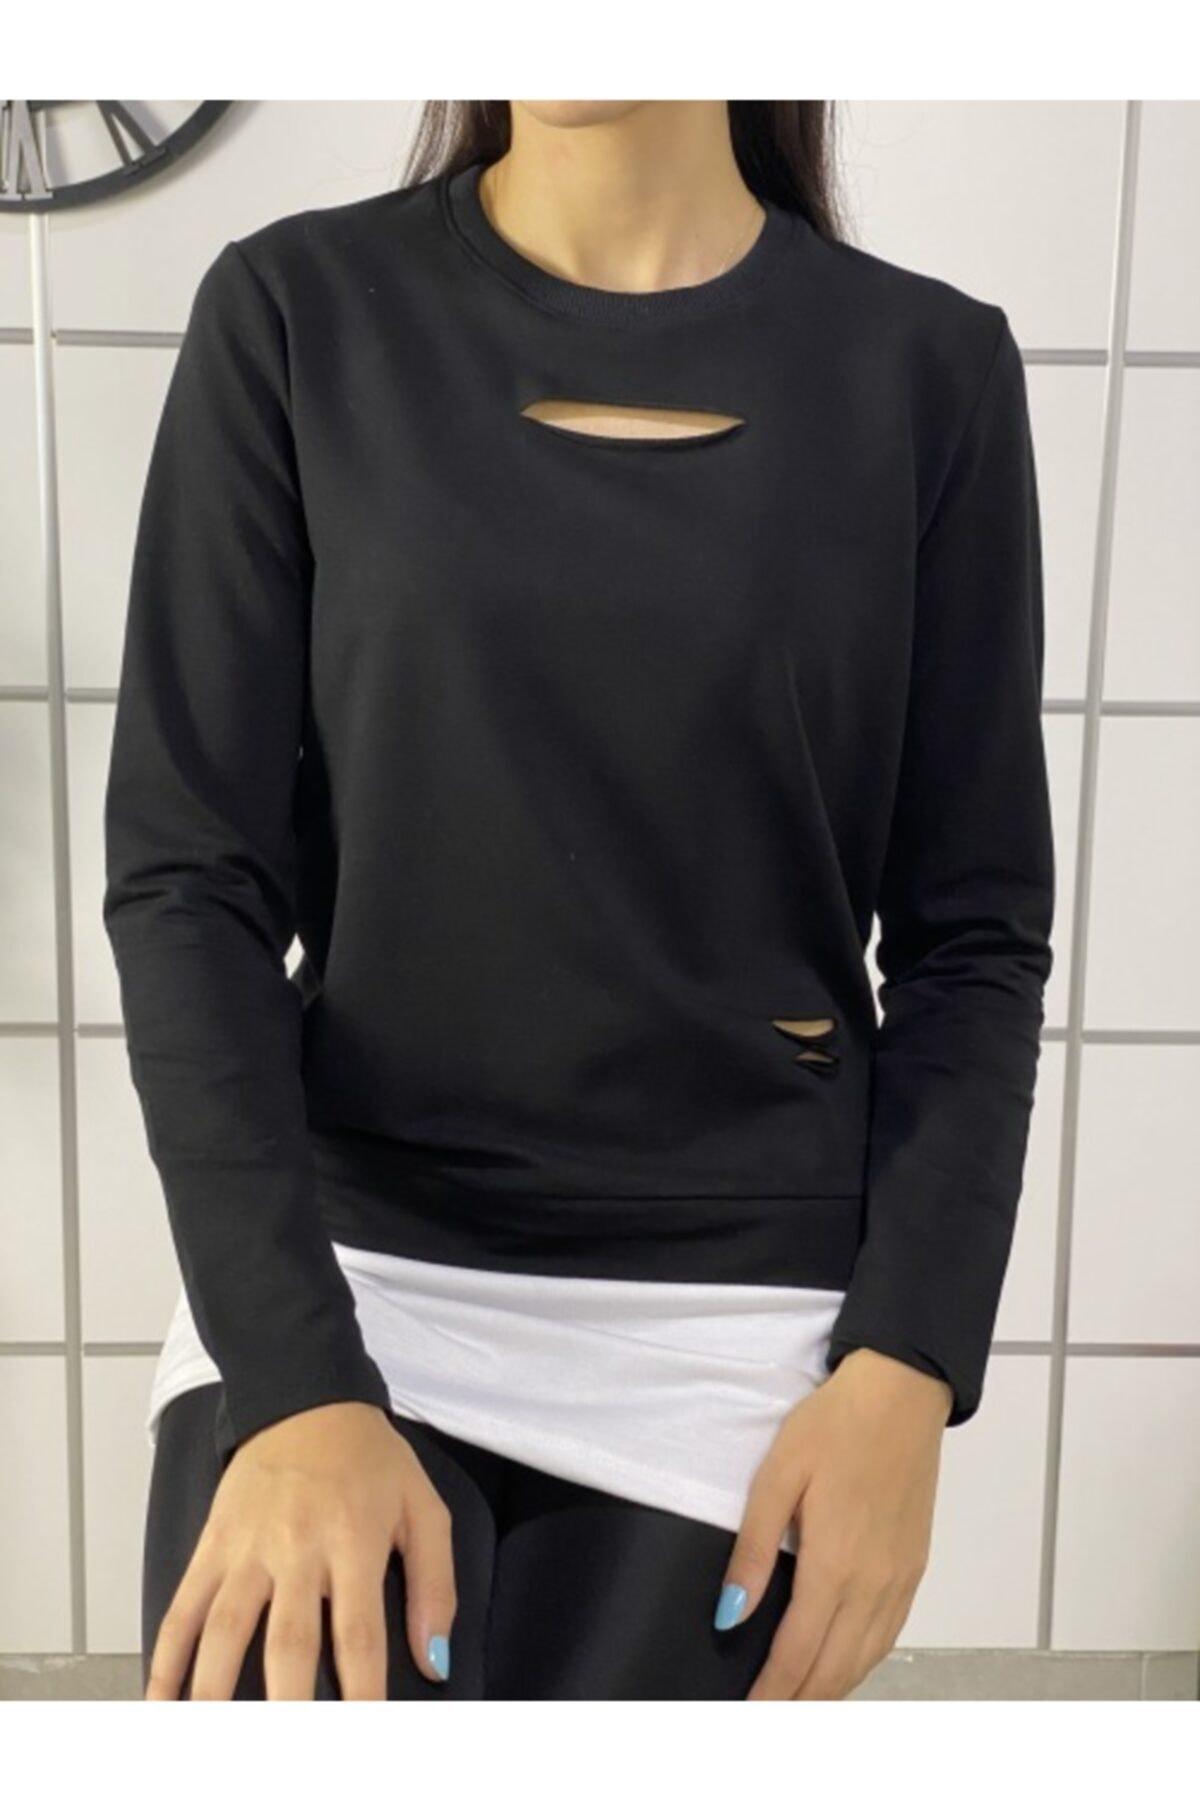 ELBİSENN Kadın Siyah Eteği T-Shirt Görünümlü Tasarım Sweatshirt 1